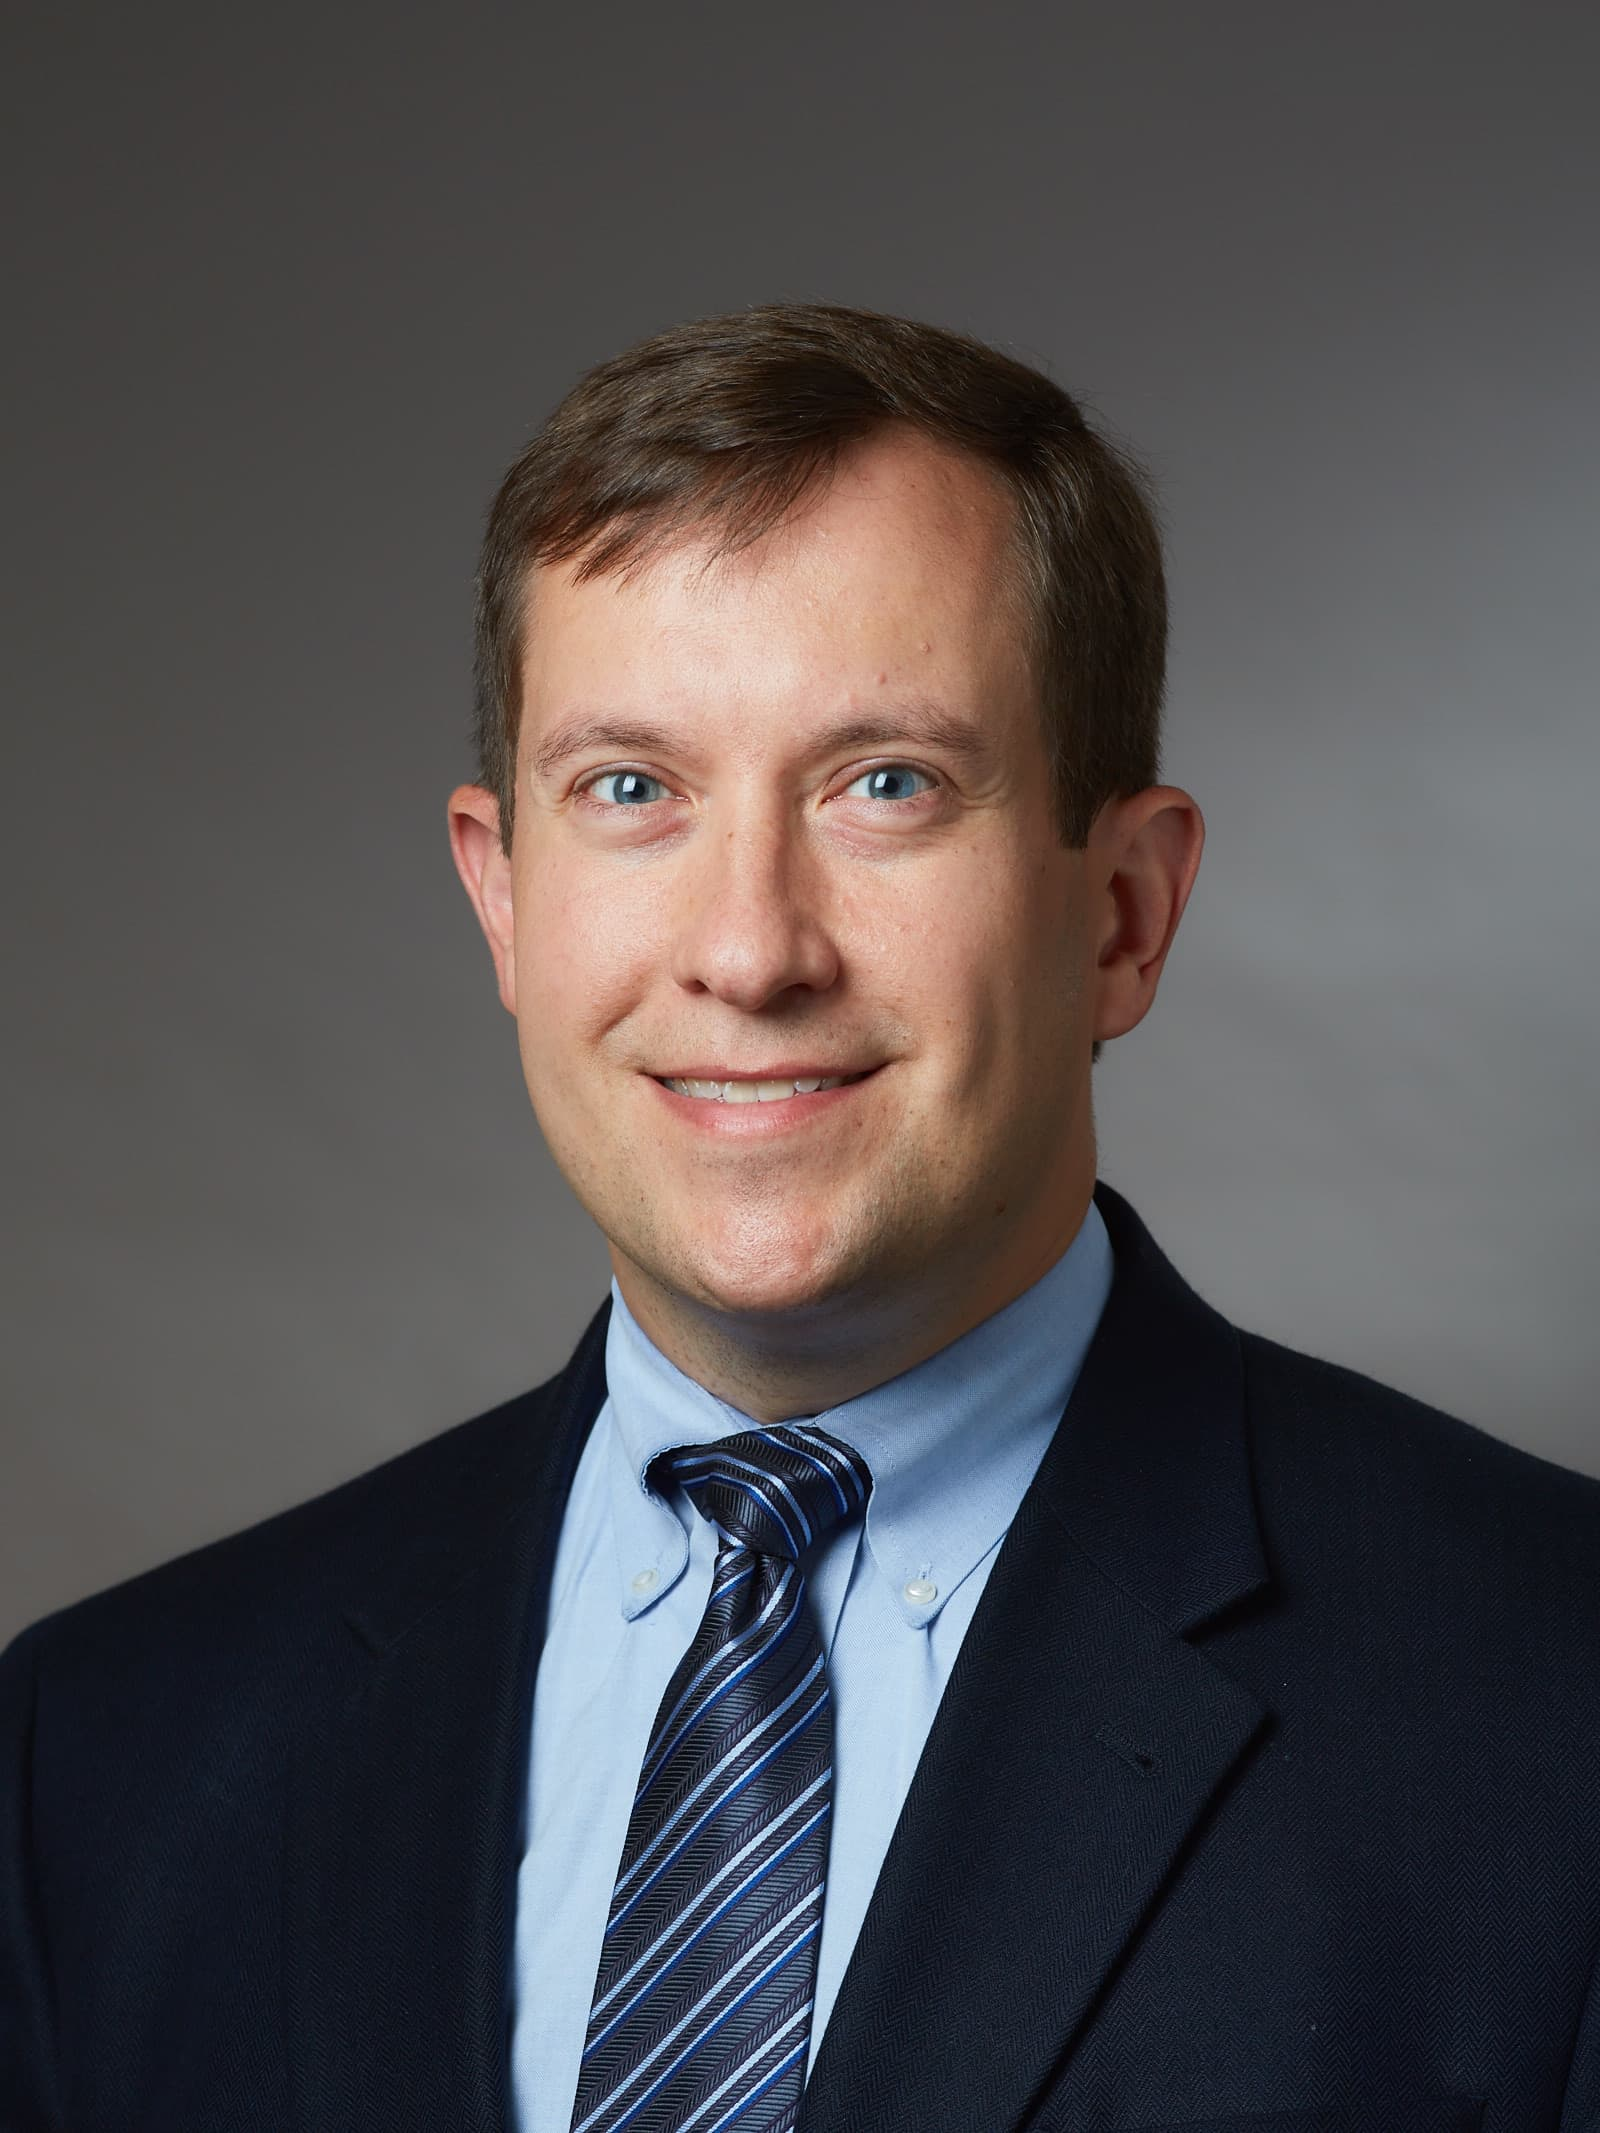 Nathan A. Kruger